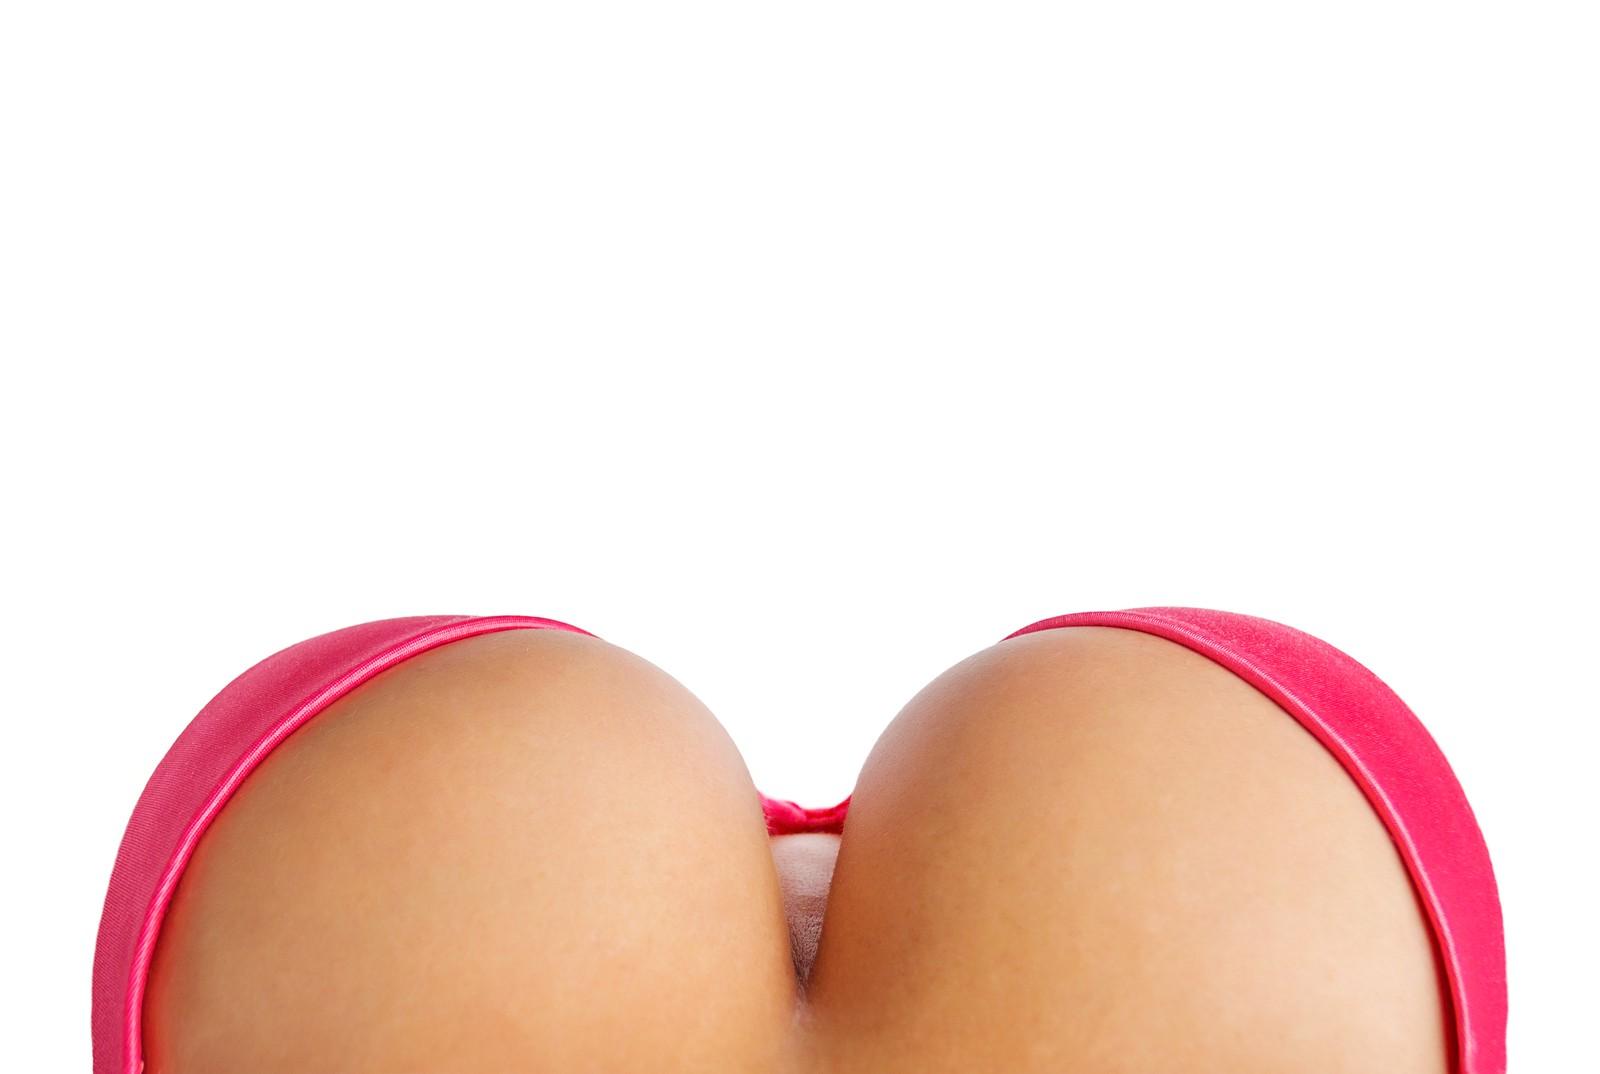 Посмотреть женскую грудь 3 фотография